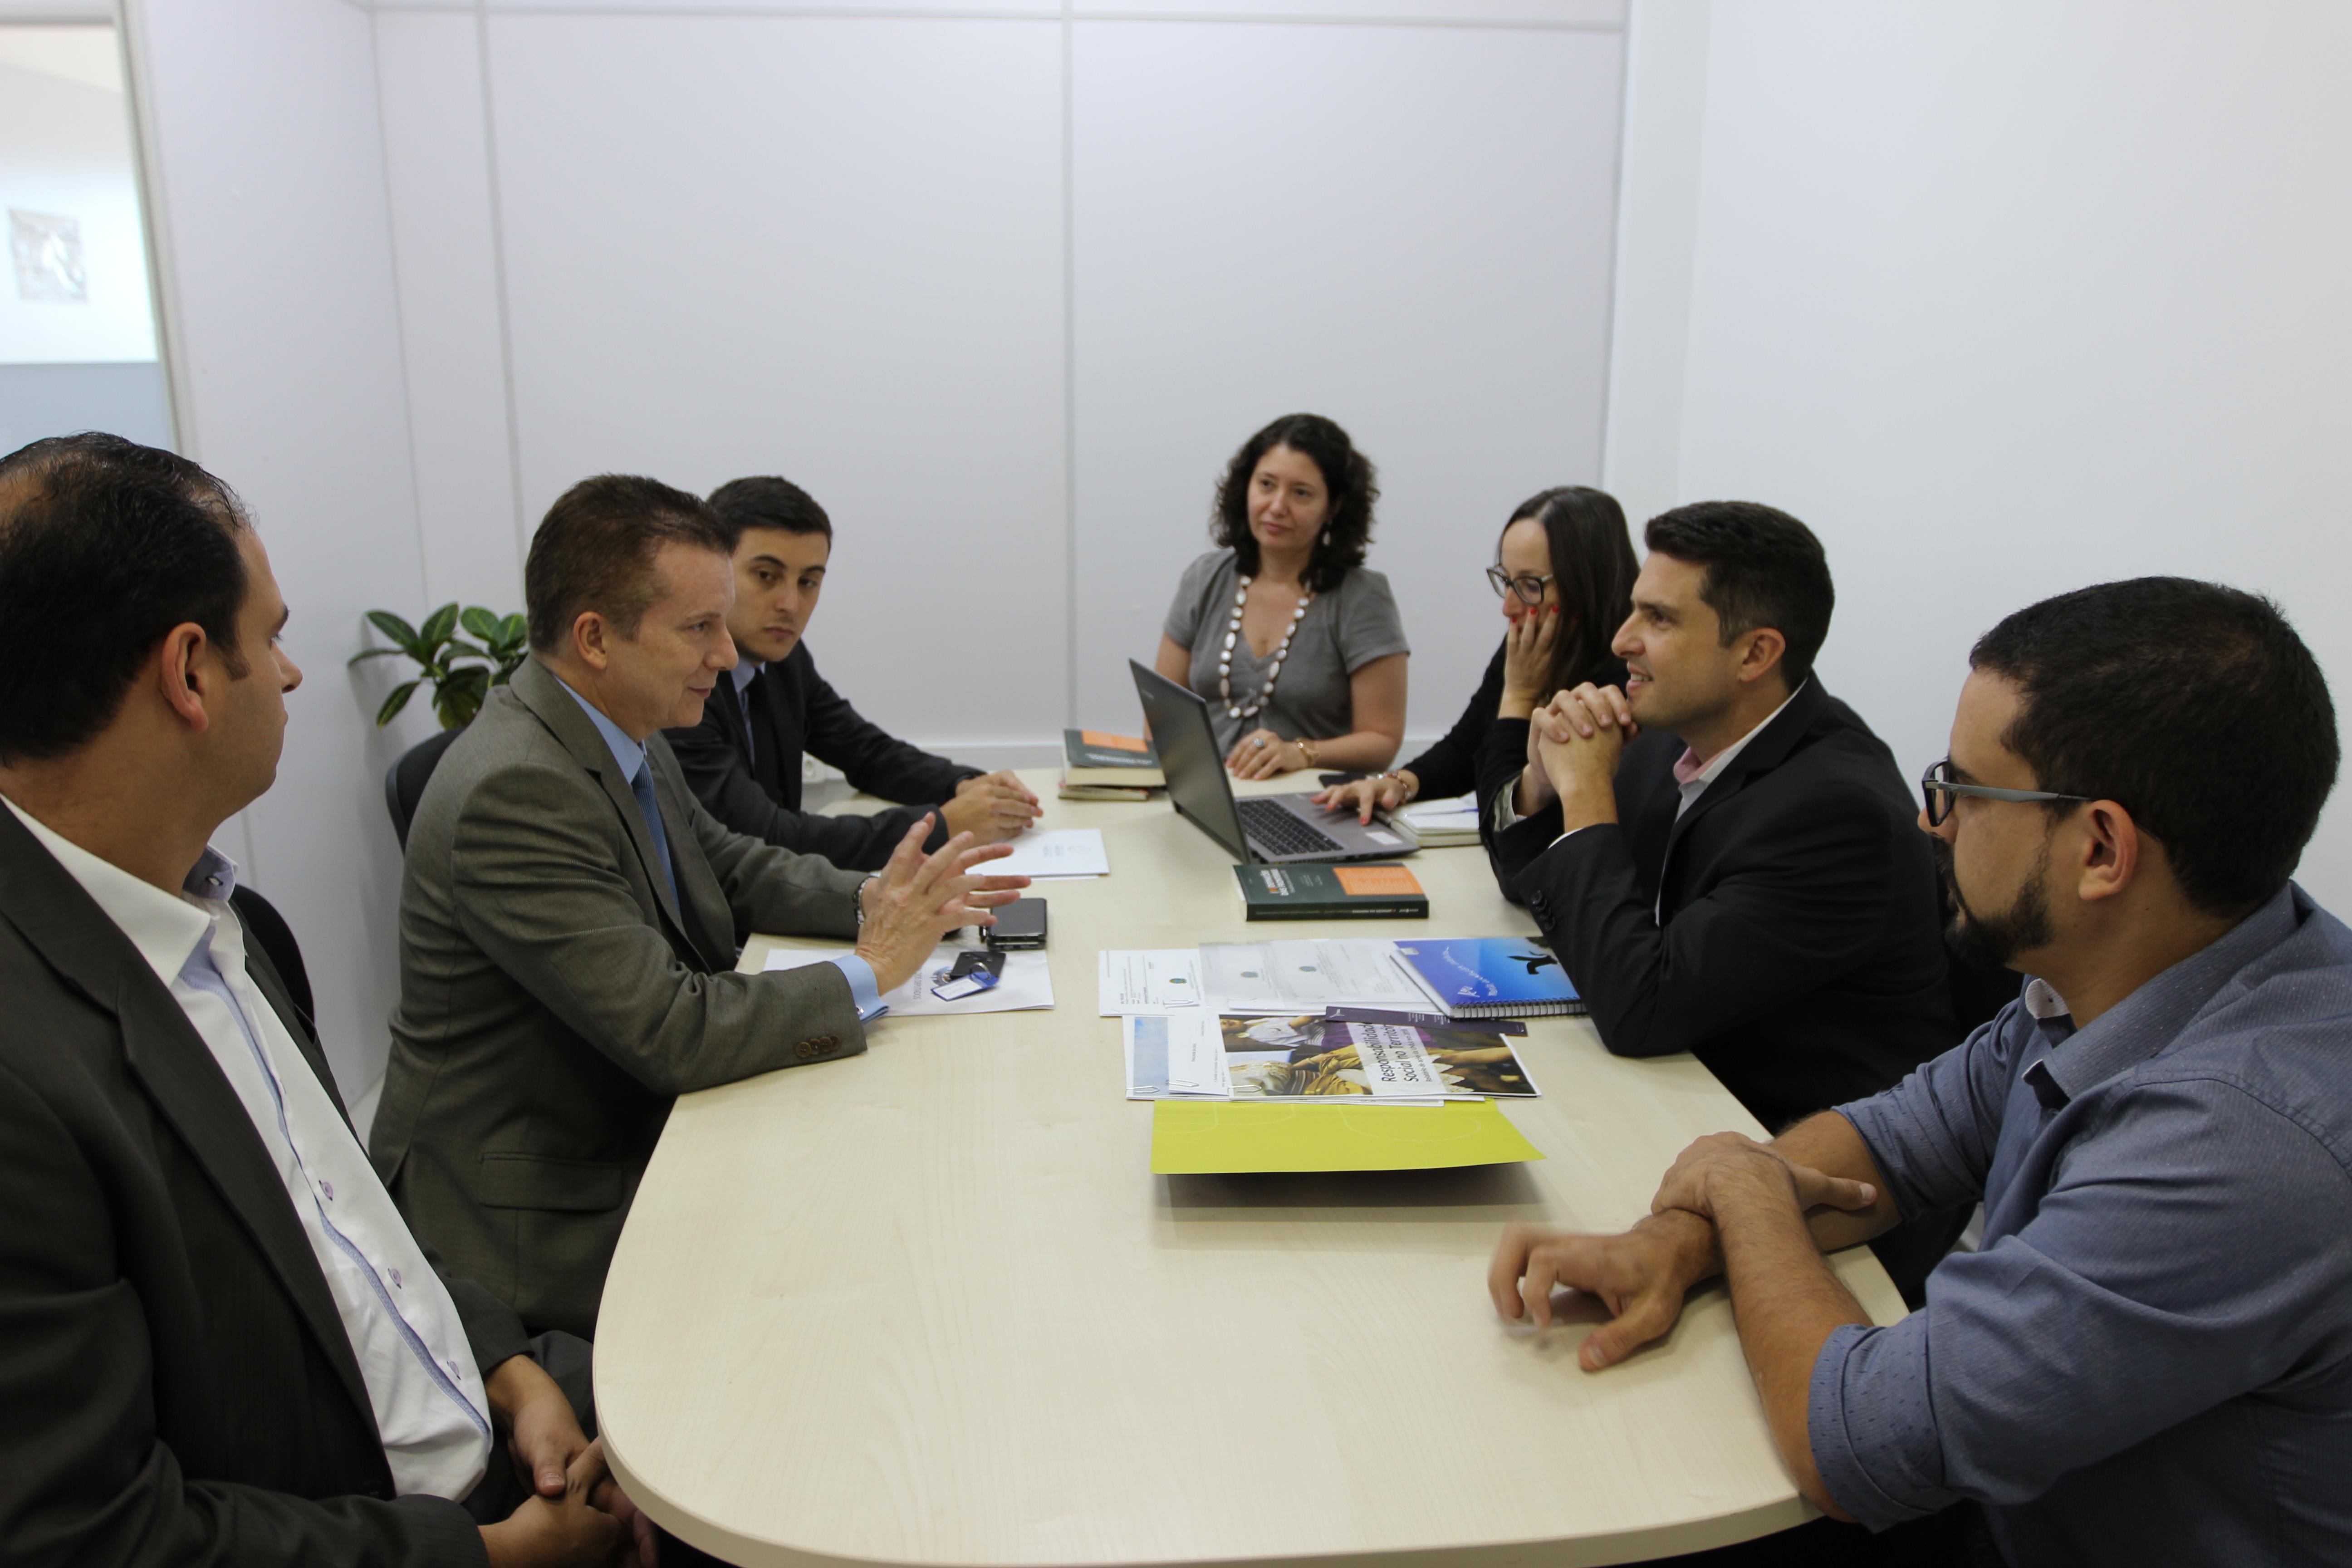 Jihad Abu Ali, Celso Russomano, Alexandre Andreatta, Diana Araújo, Luciana Mello Ribeiro, Gustavo Oliveira Vieira e Lucas Mesquita,  sentados a uma mesa, discutem a parceria